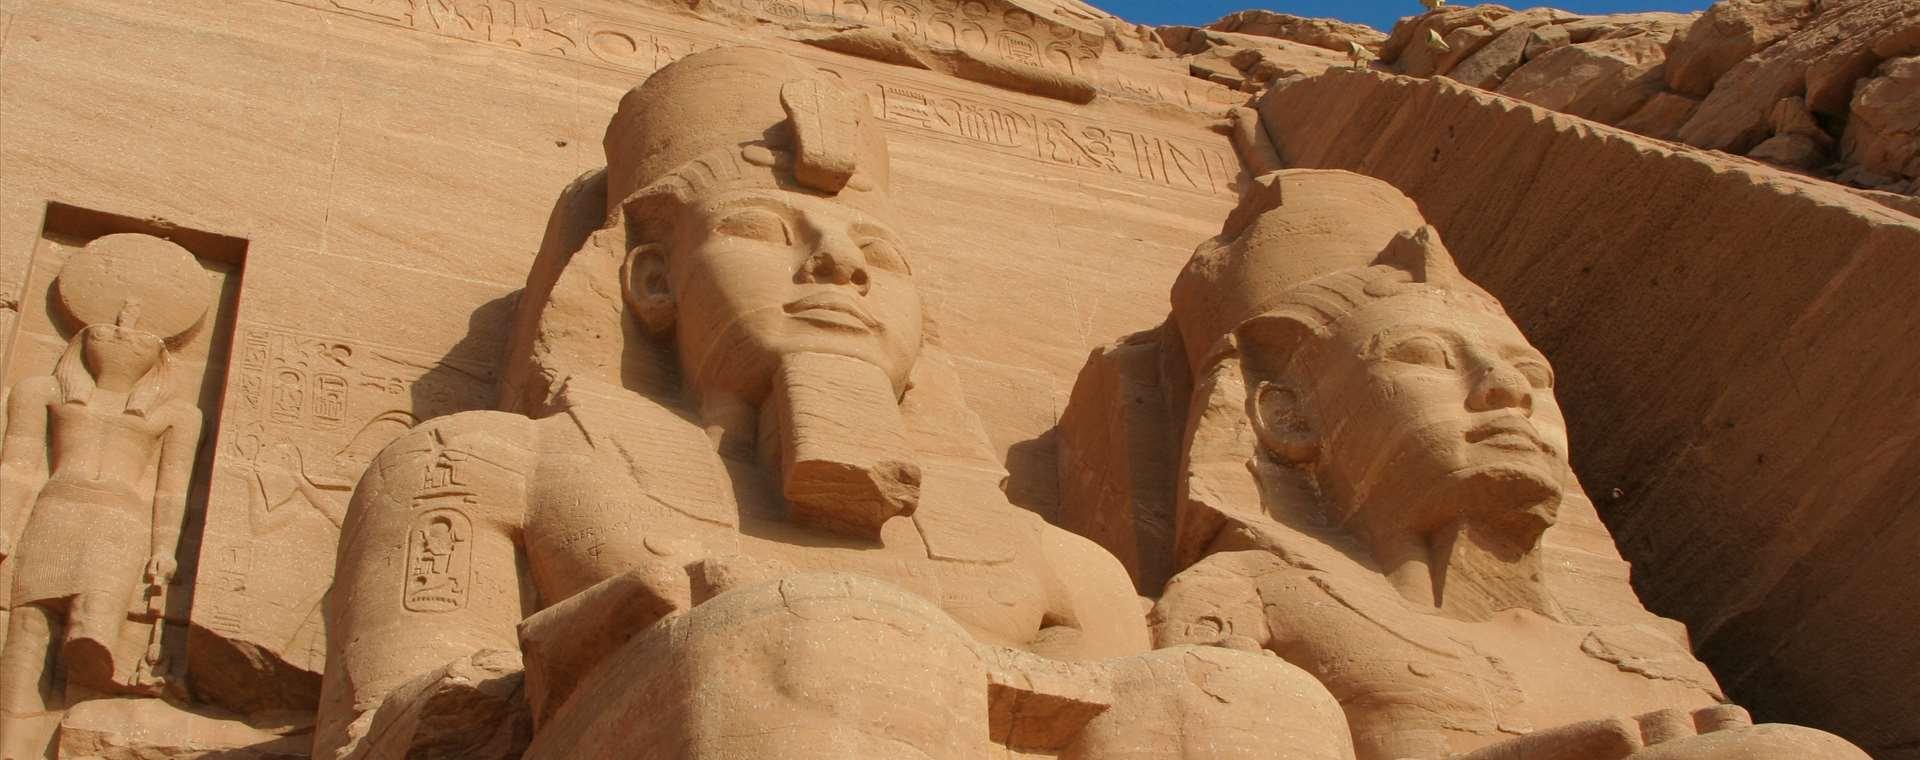 461862_egypt-1304832LowerSlide_CMS.jpg